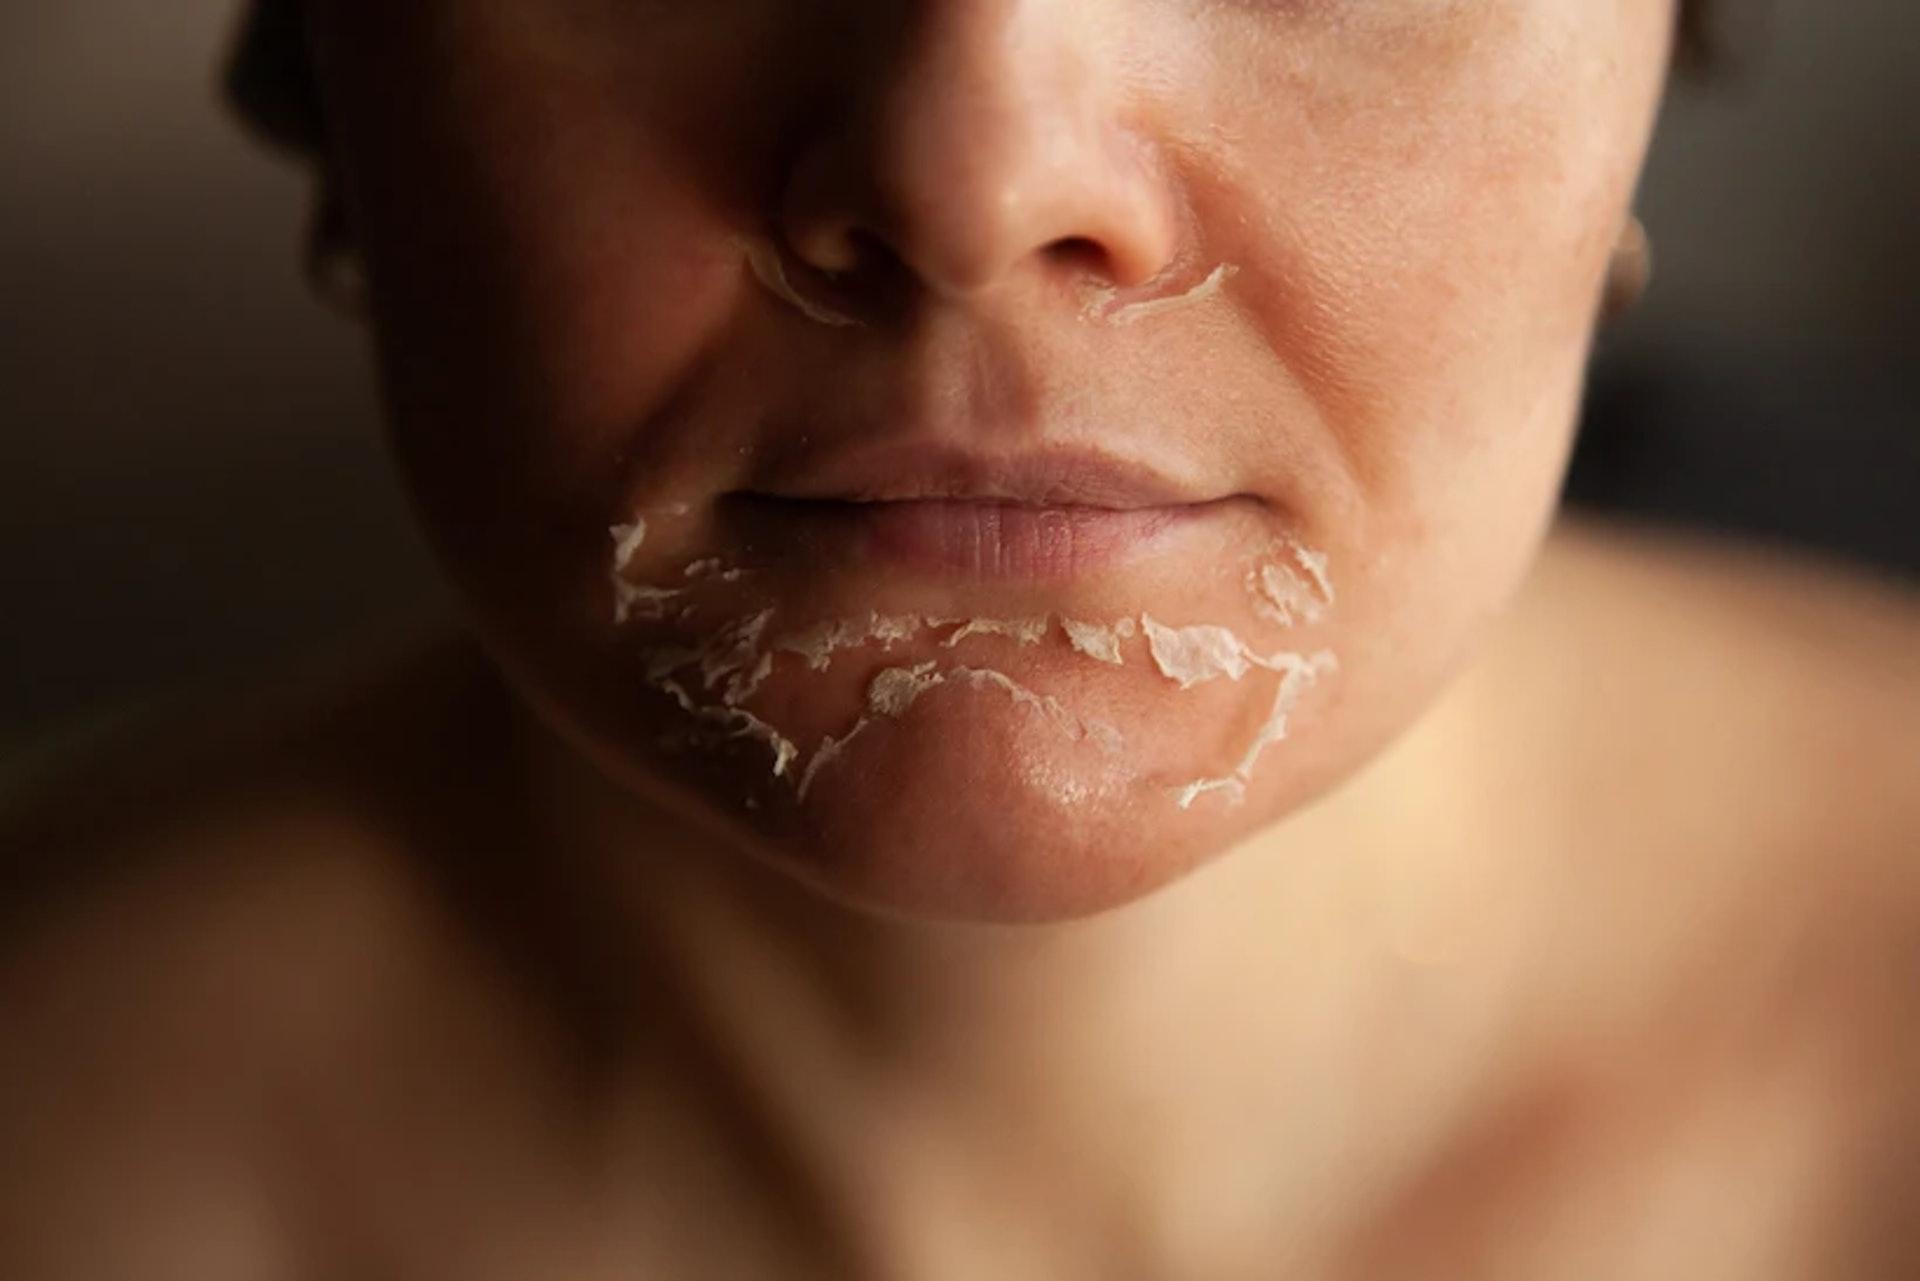 有八成以上初次接觸果酸的用者家,可能會出現粉刺、暗瘡增加或脫皮等情況。(圖片:Viviantskincare)